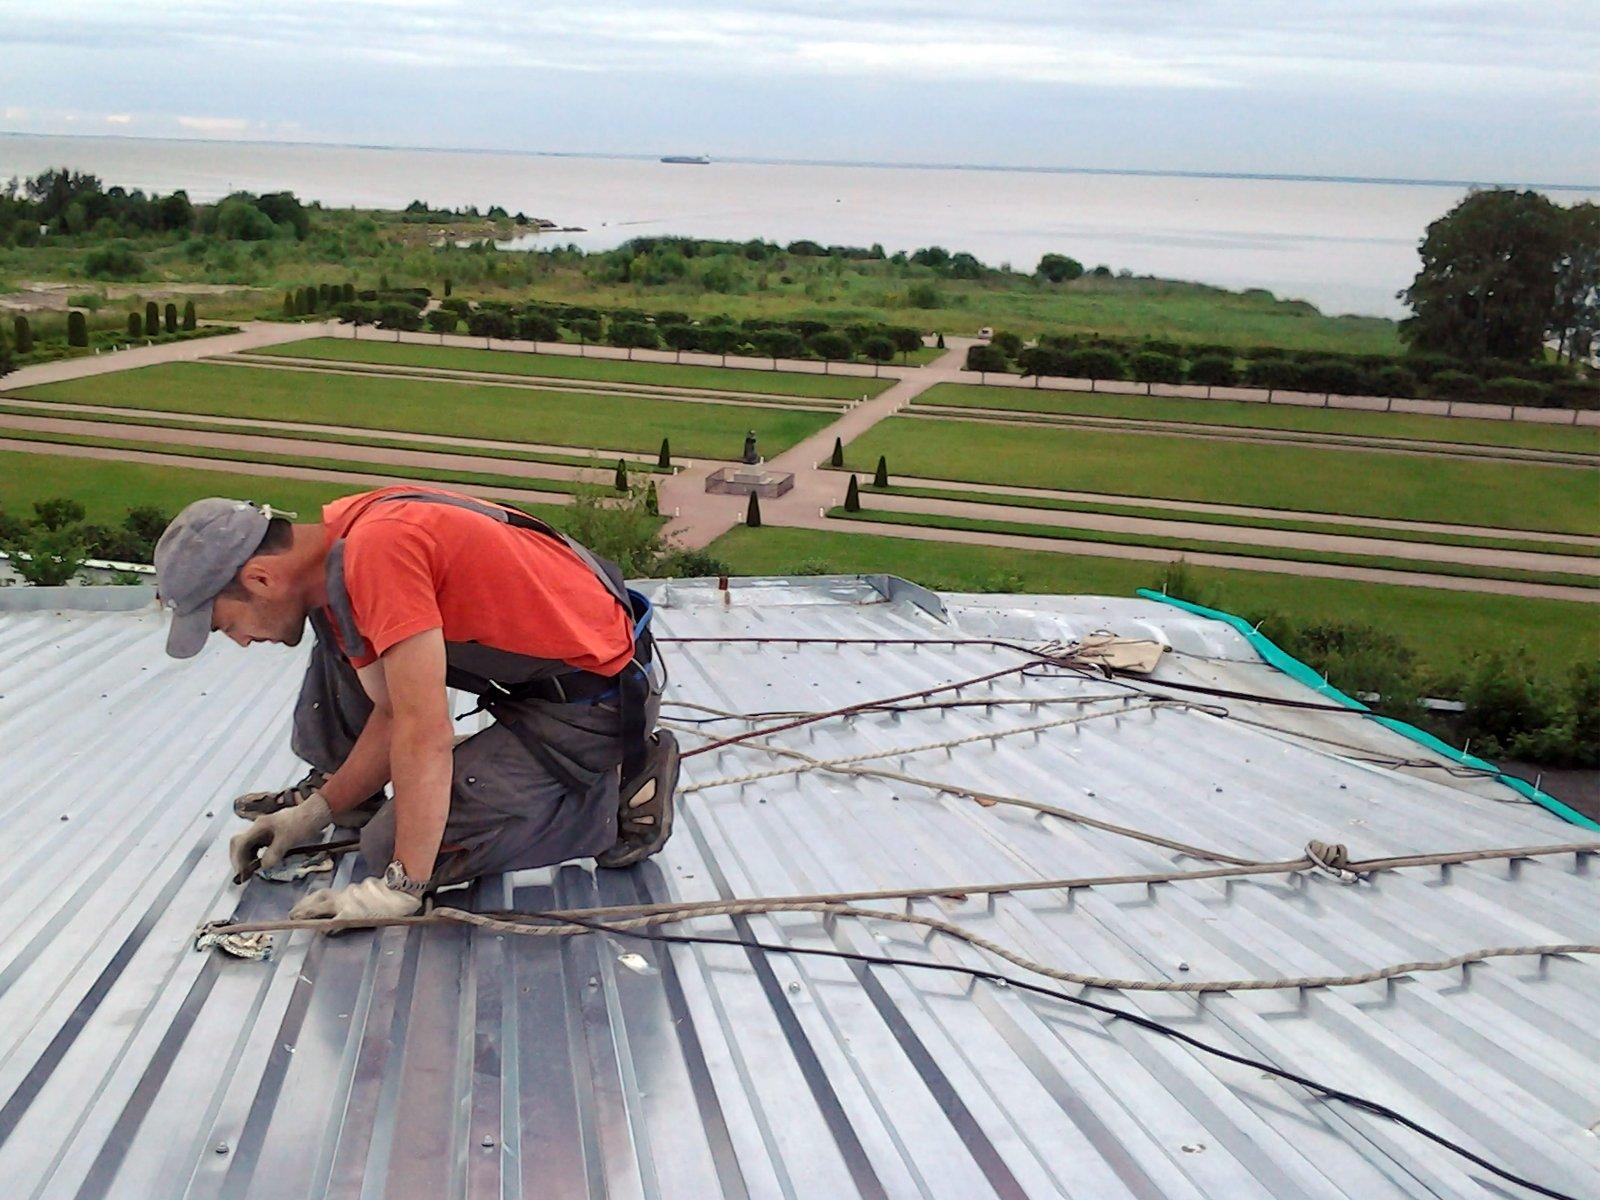 Монтаж профнастила с замком на крышу своими руками фото и видео-инструкция 4